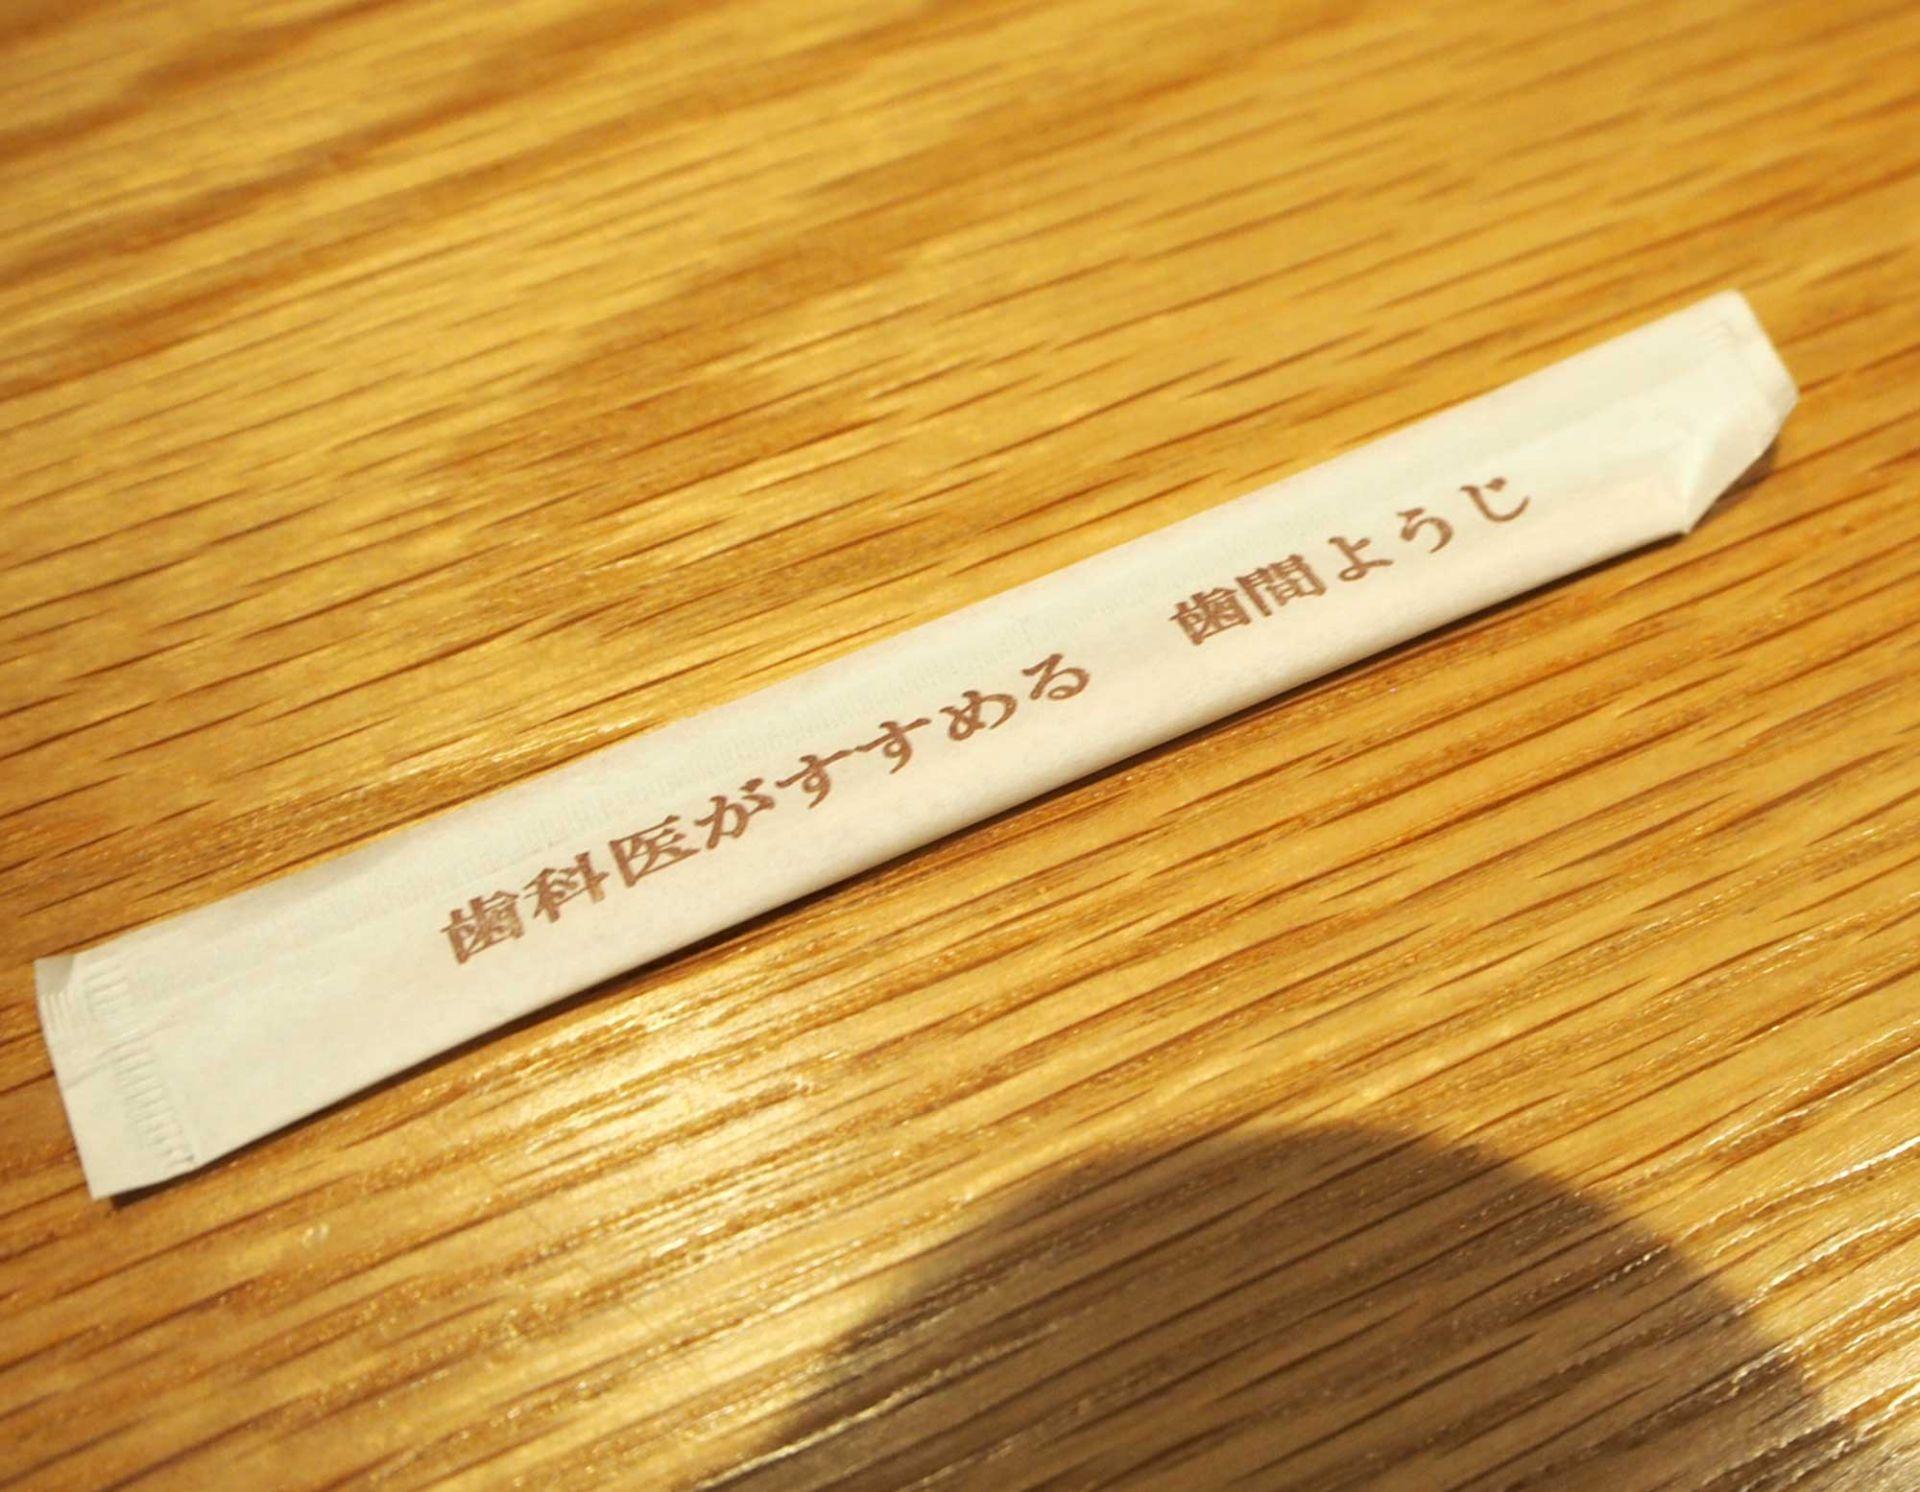 牙签套上写着「牙医推荐的牙签」(笑)